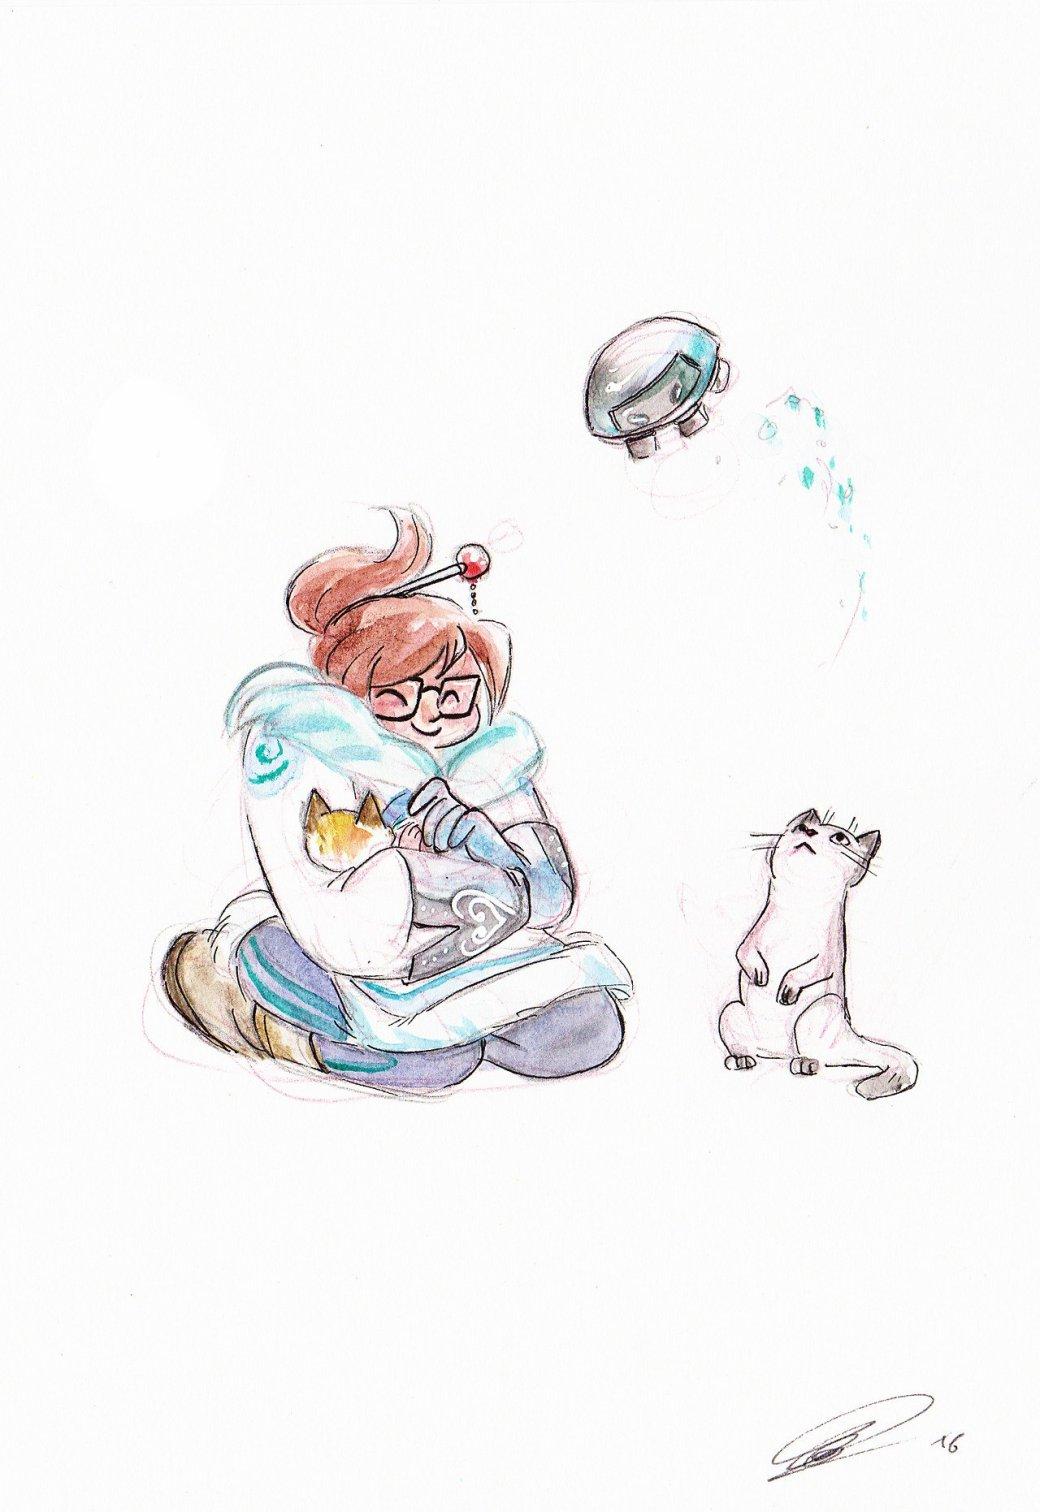 Милота дня: как выгляделибы коты героев Overwatch